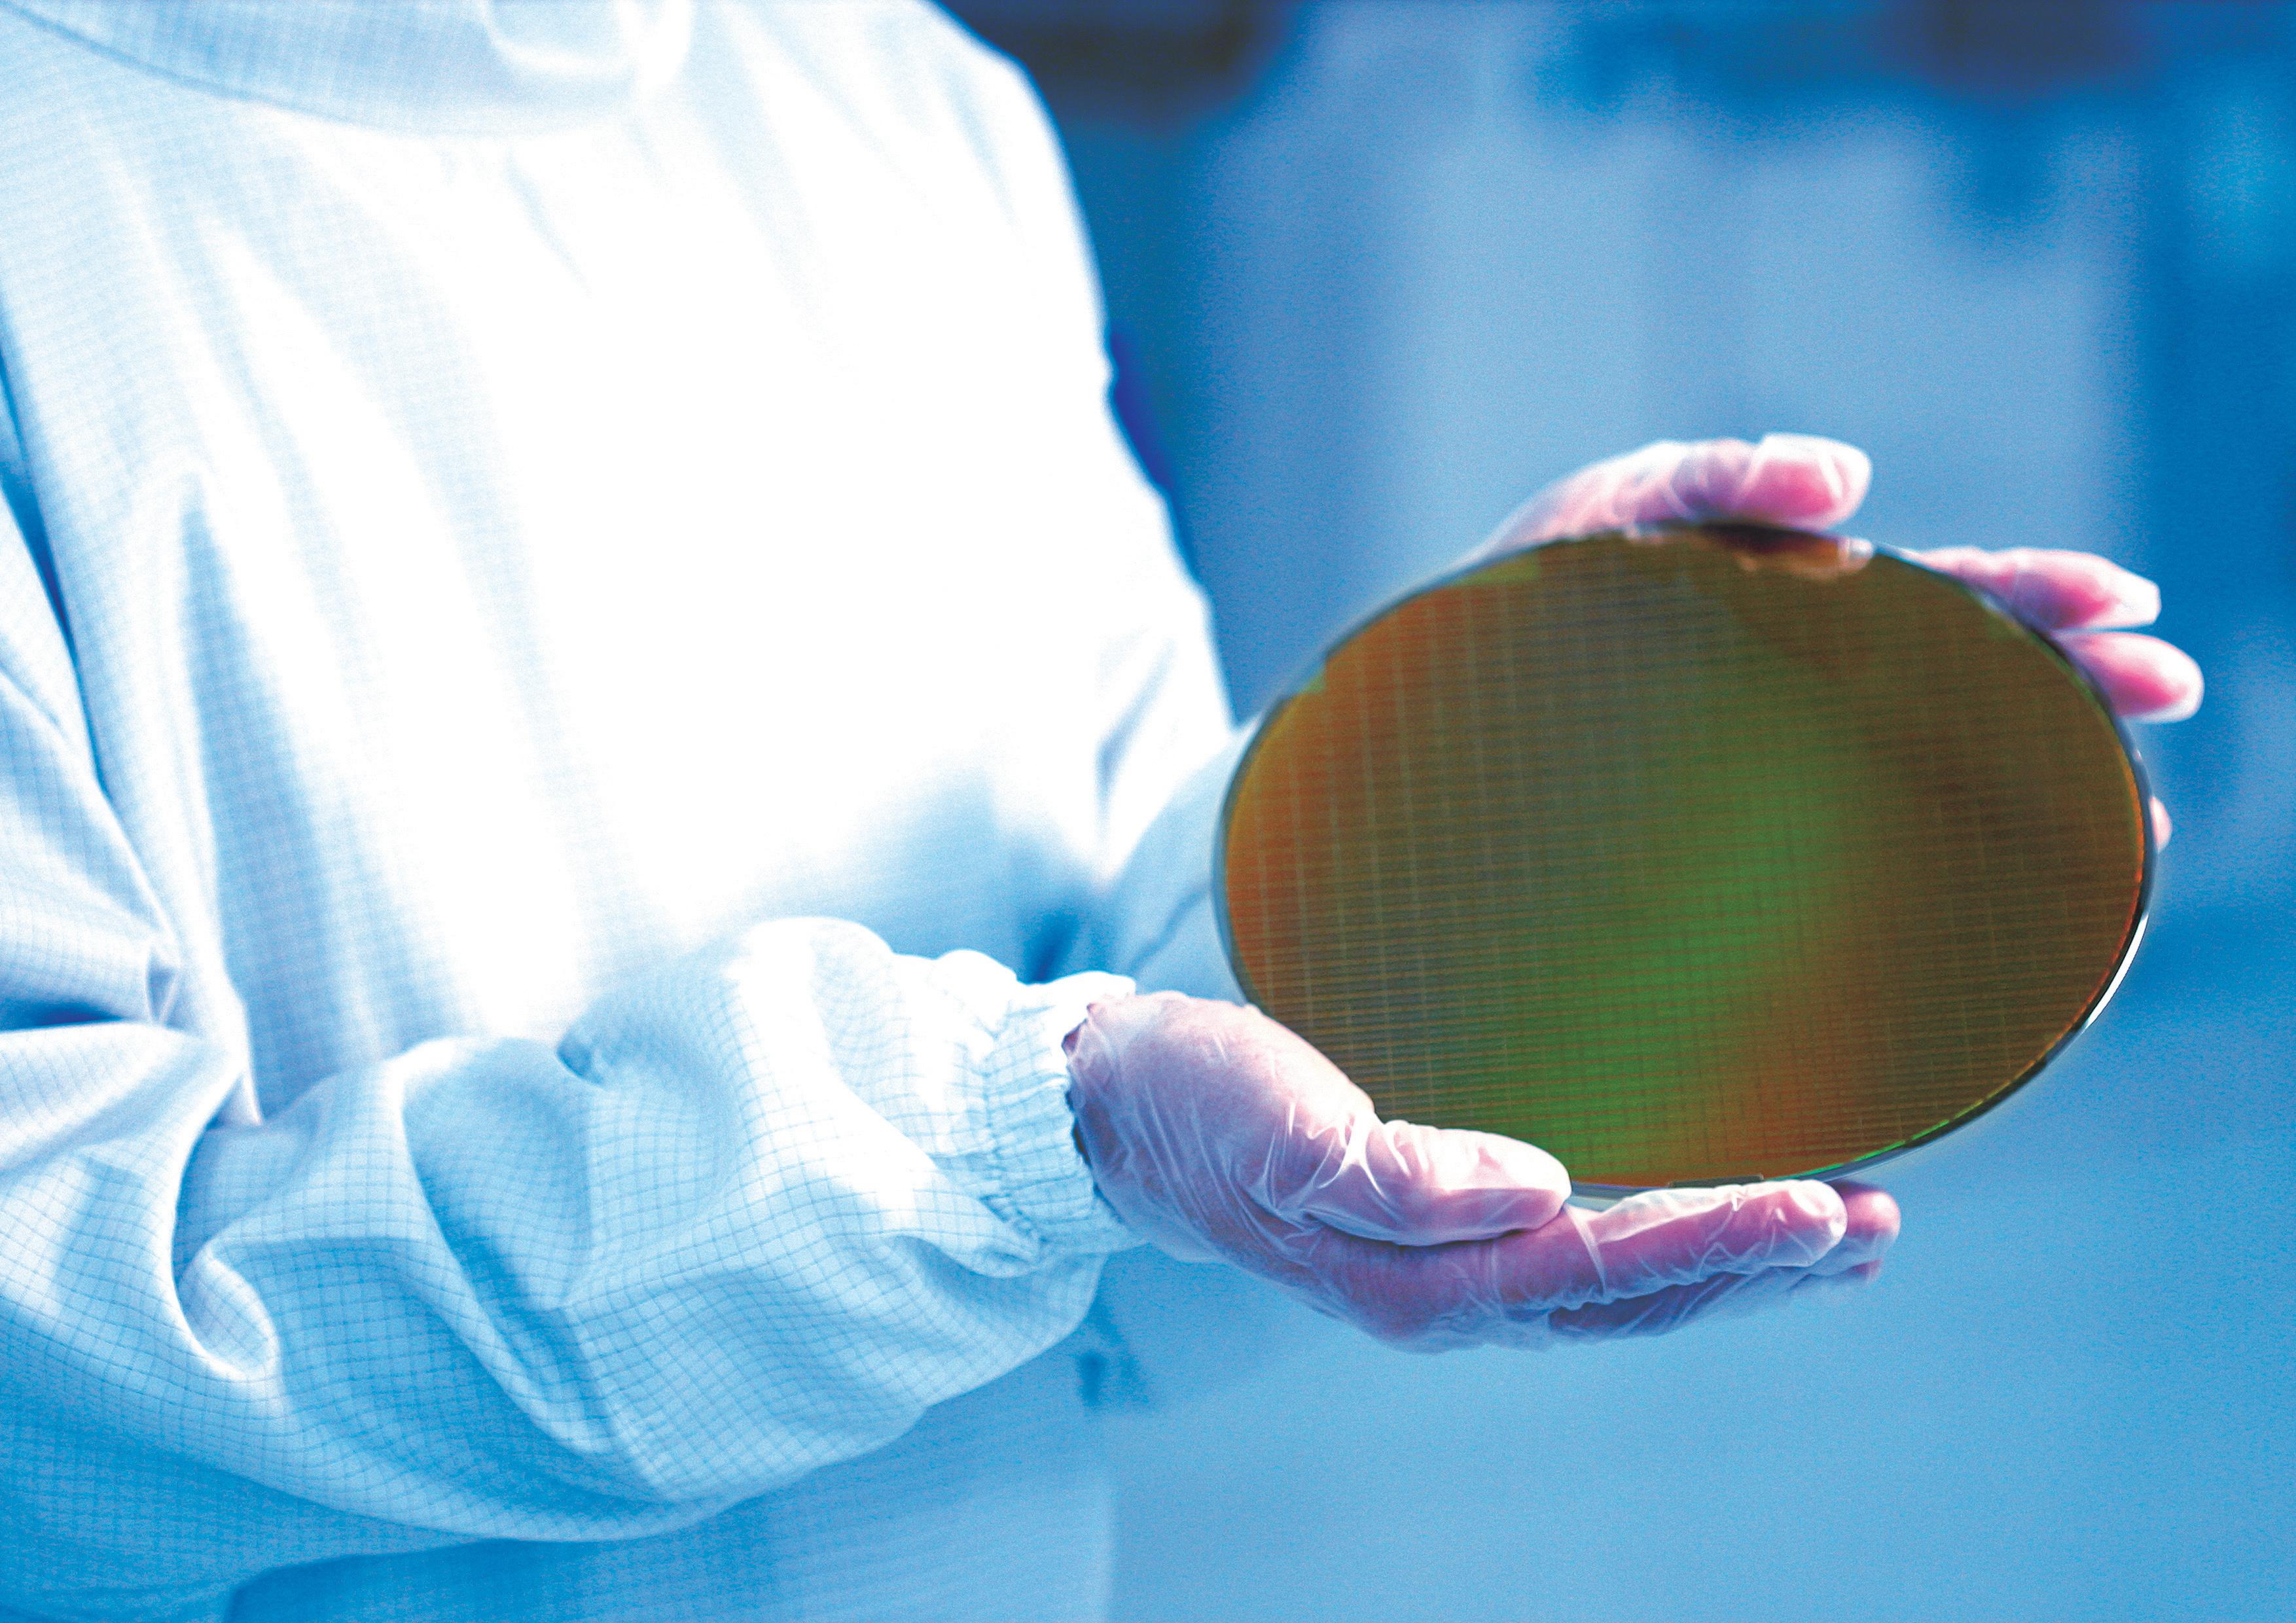 西门子的 Analog FastSPICE 平台获得三星Foundry认证,可支持 3nm GAA 工艺技术设计